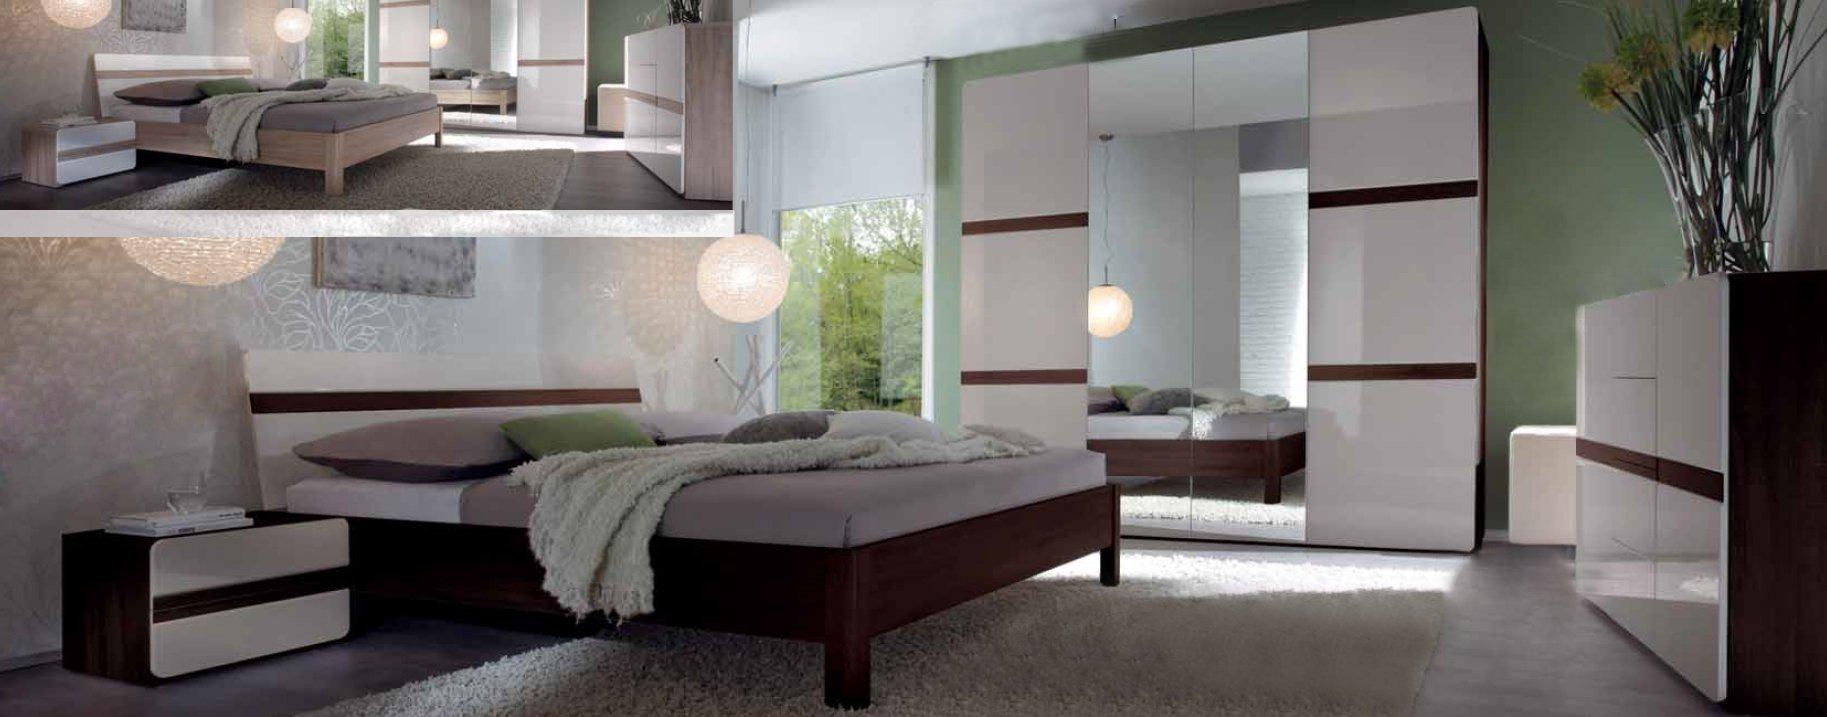 Selena спальня 104310